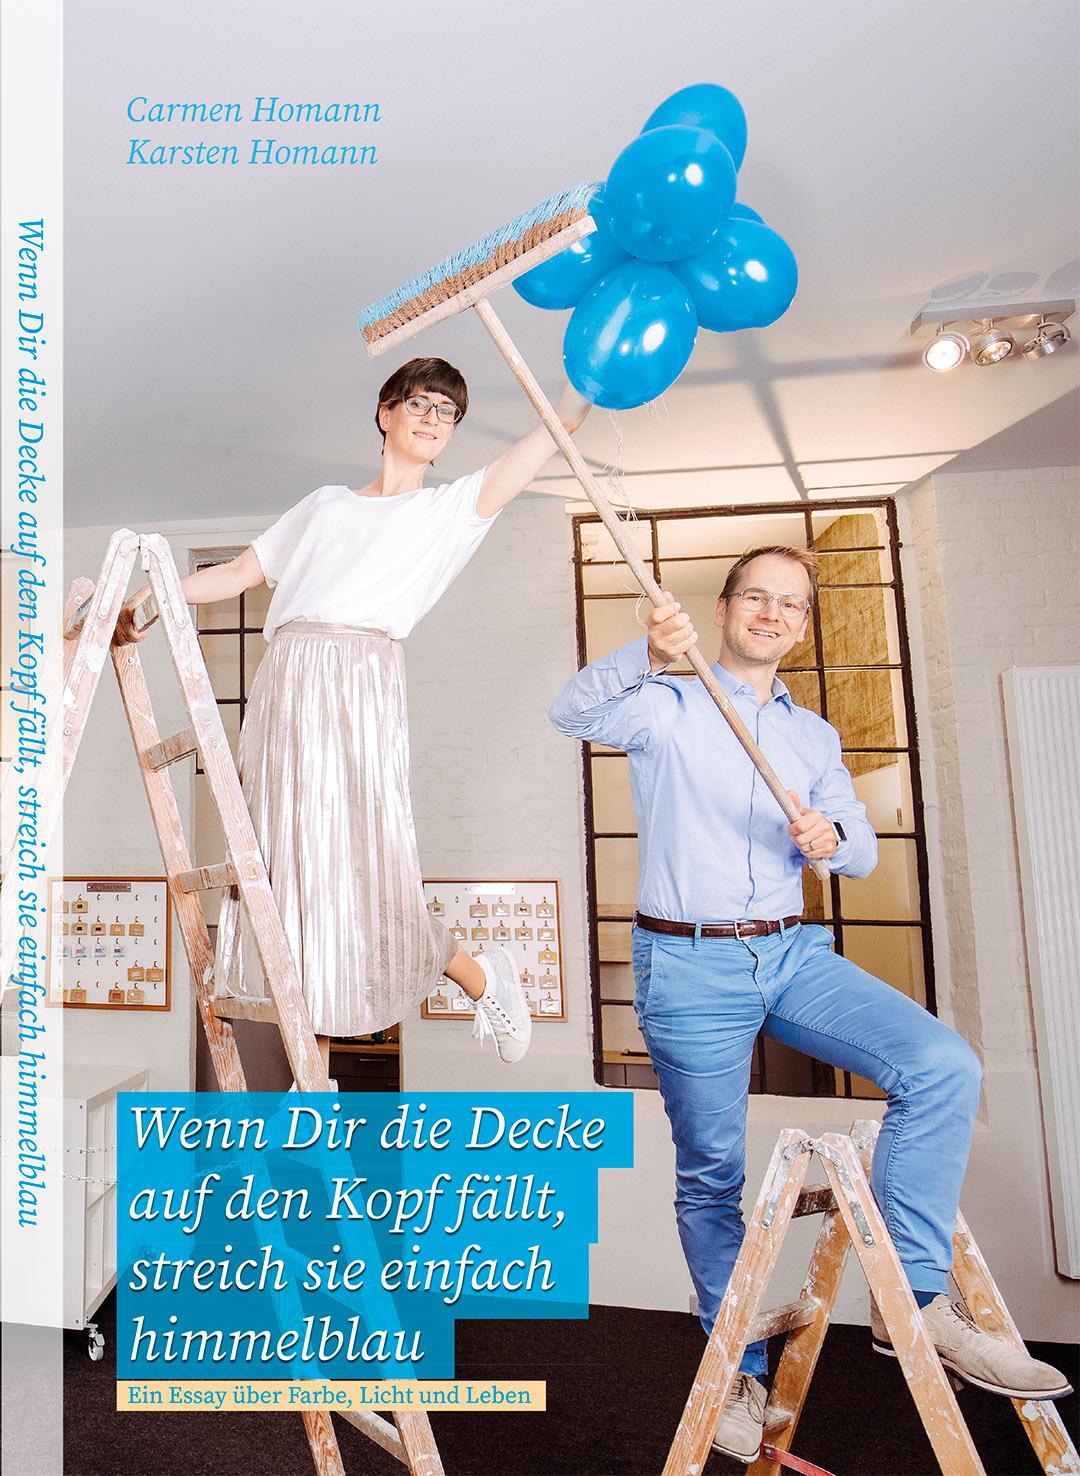 Cover Fotografie vom Buch Wenn dir die Decke auf den Kopf fällt streich sie einfach himmelblau